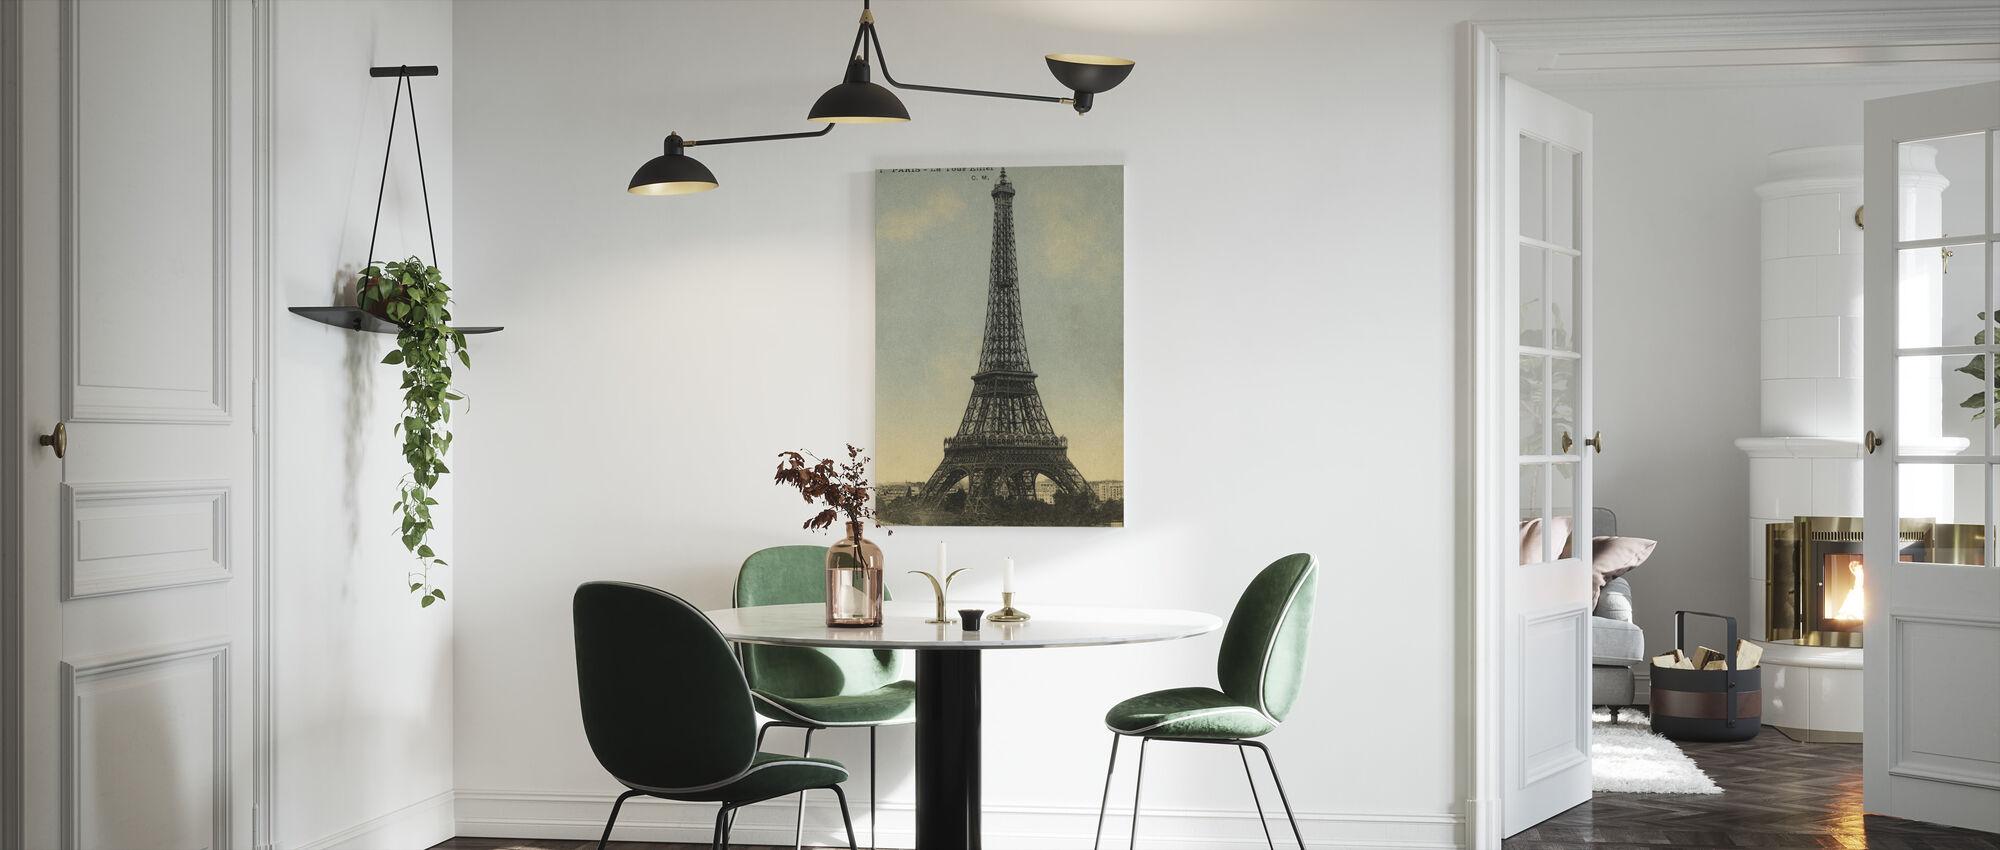 Vintage Eiffel-torni sininen taivas - Canvastaulu - Keittiö